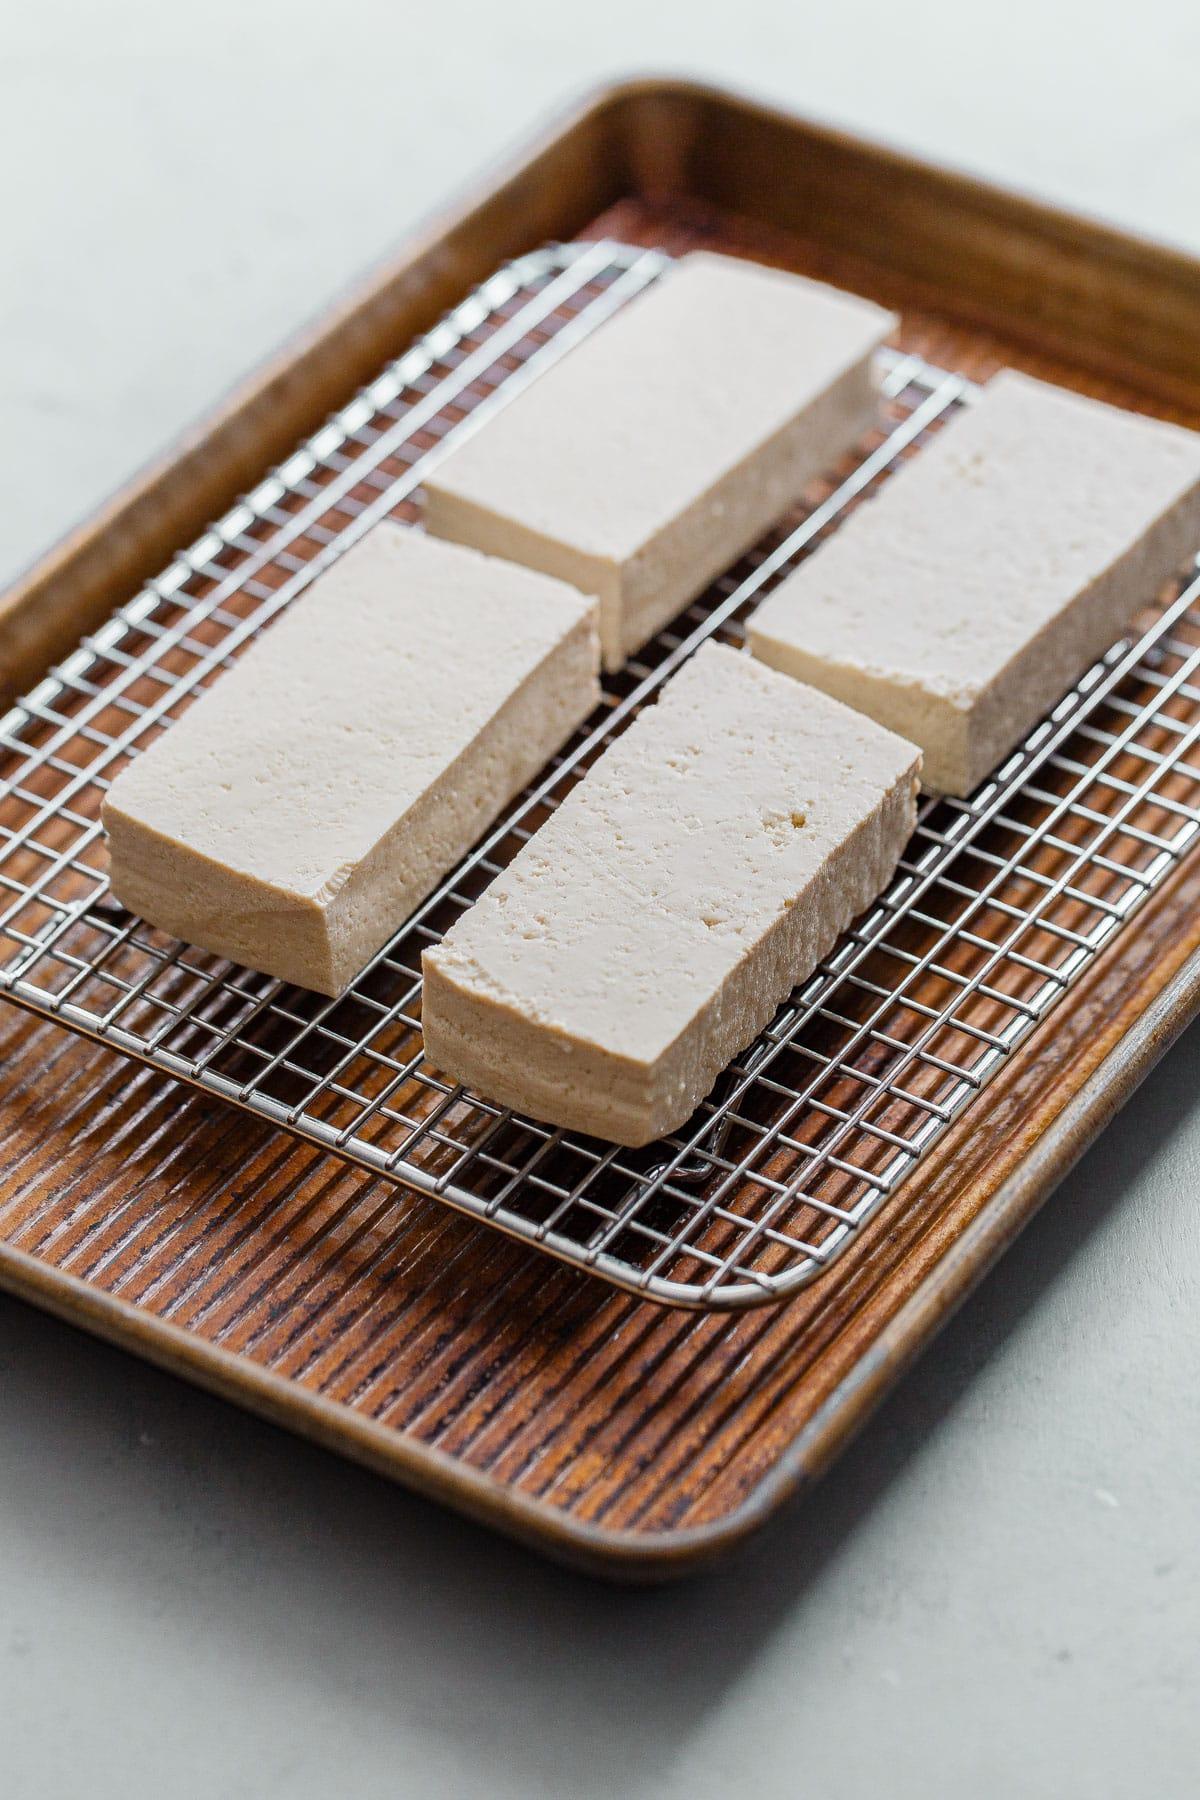 Tofu Being Pressed